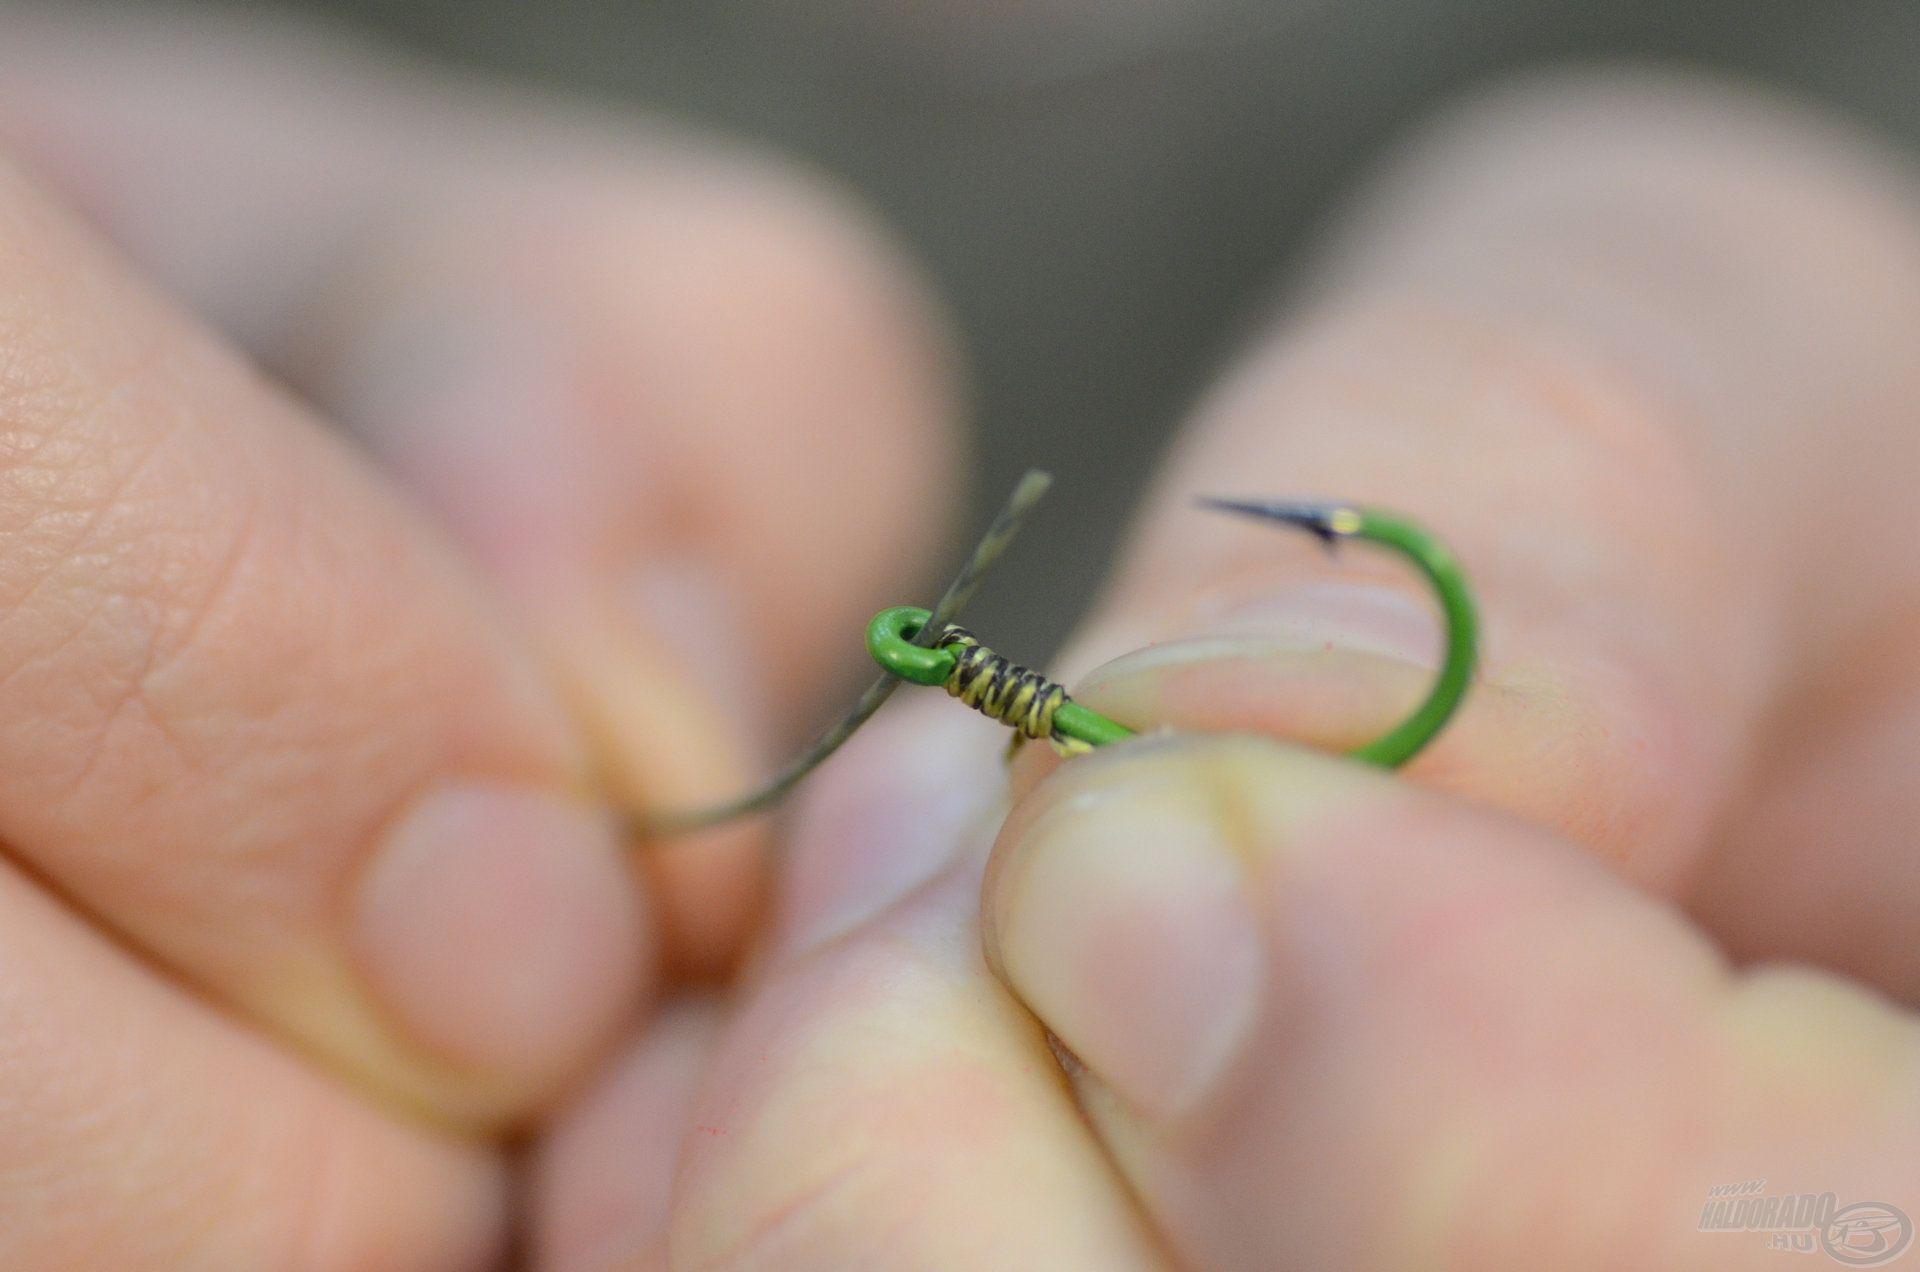 A horgot sima, egyszerű csomó nélküli kötéssel rögzítjük, amit ugyanúgy, hátulról előre fele fejezünk be